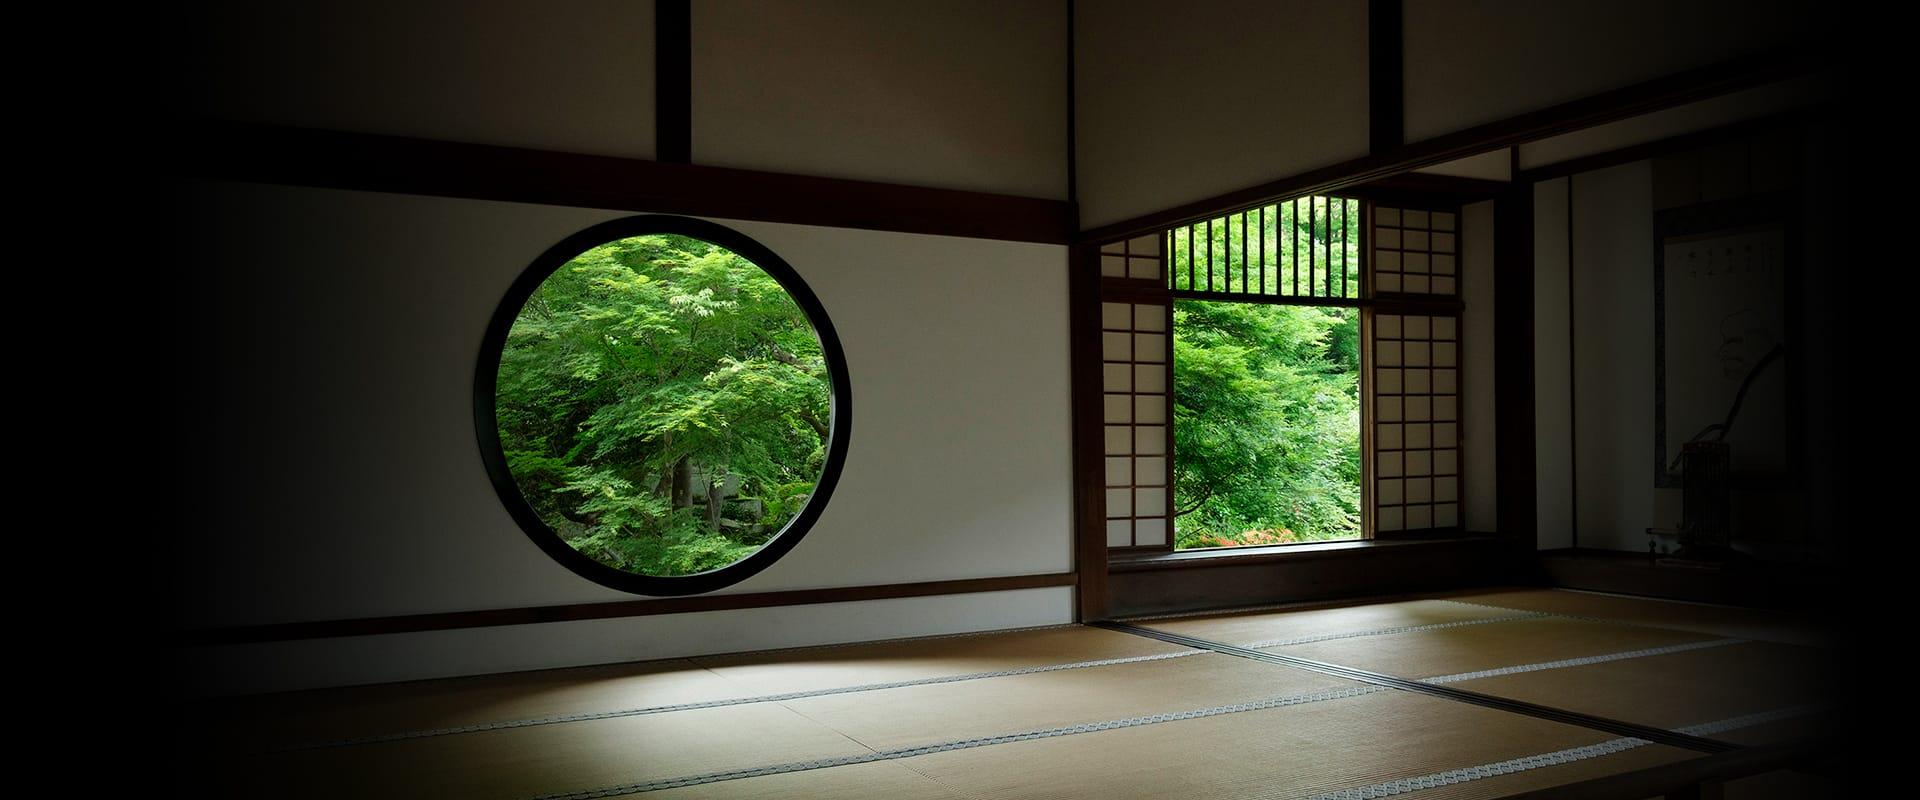 悟りの窓・迷いの窓|京都 源光庵|悟りの窓・迷いの窓の禅寺